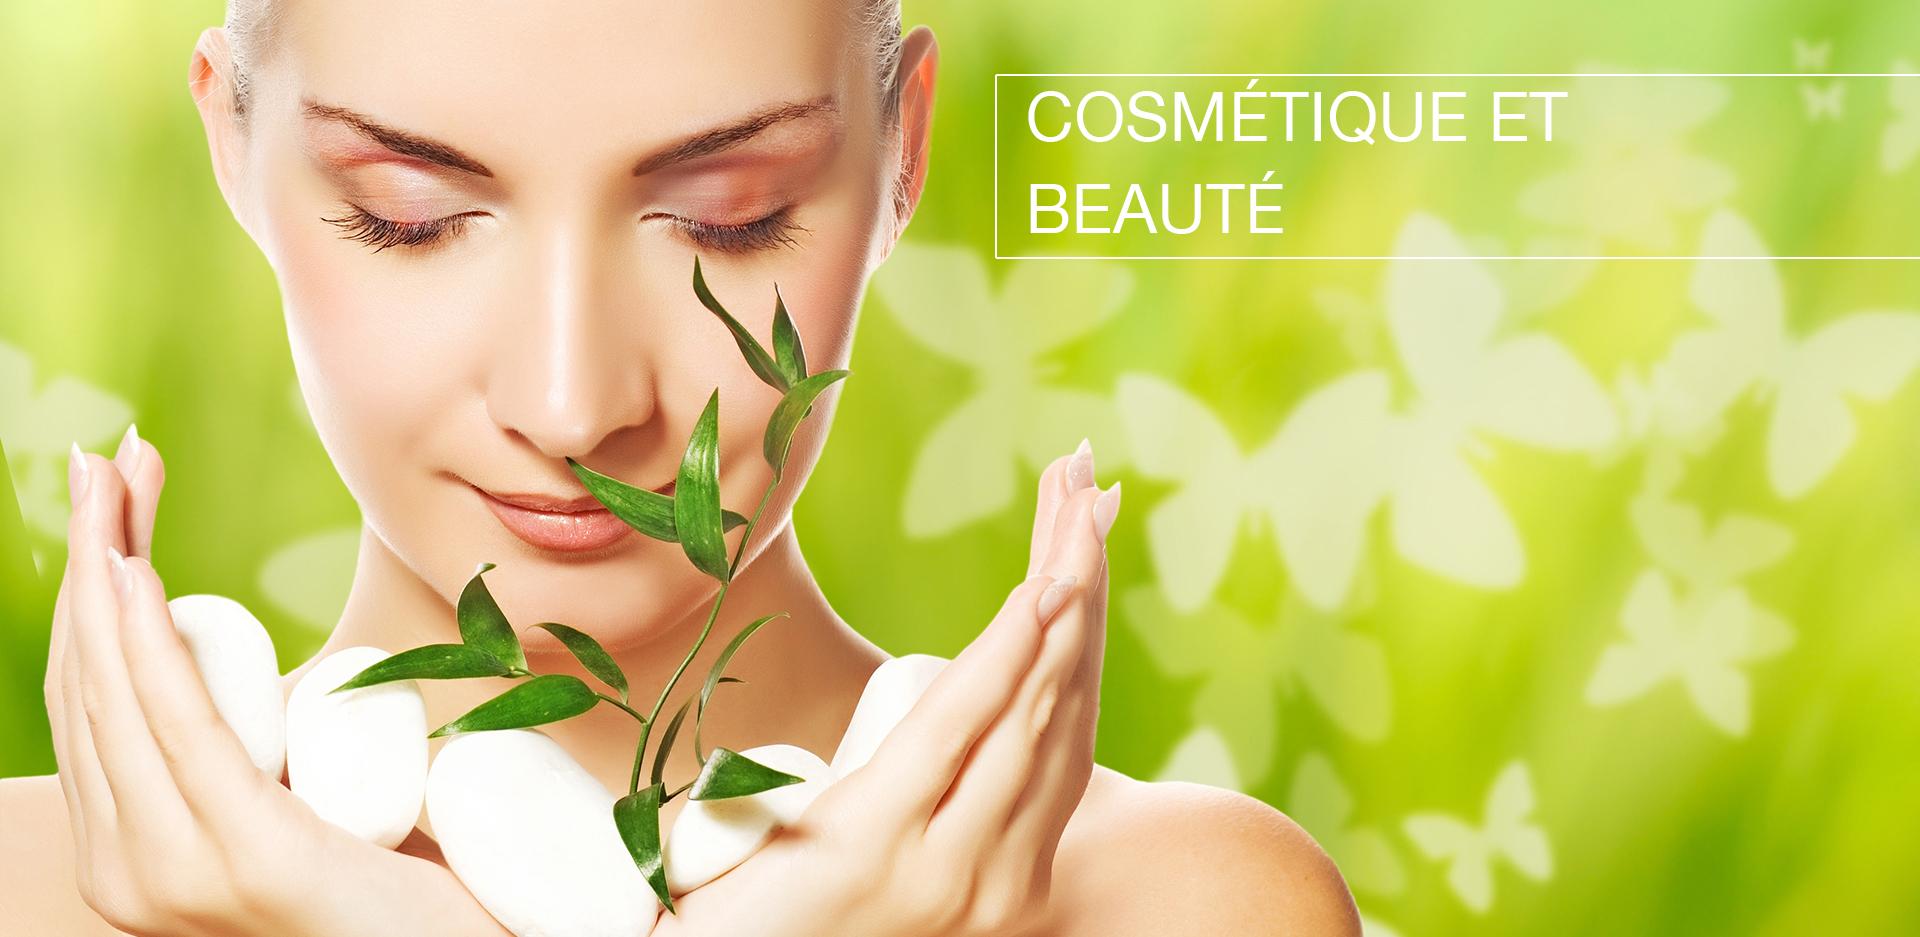 Traduction dans les domaines de la cosmétique et de la beauté